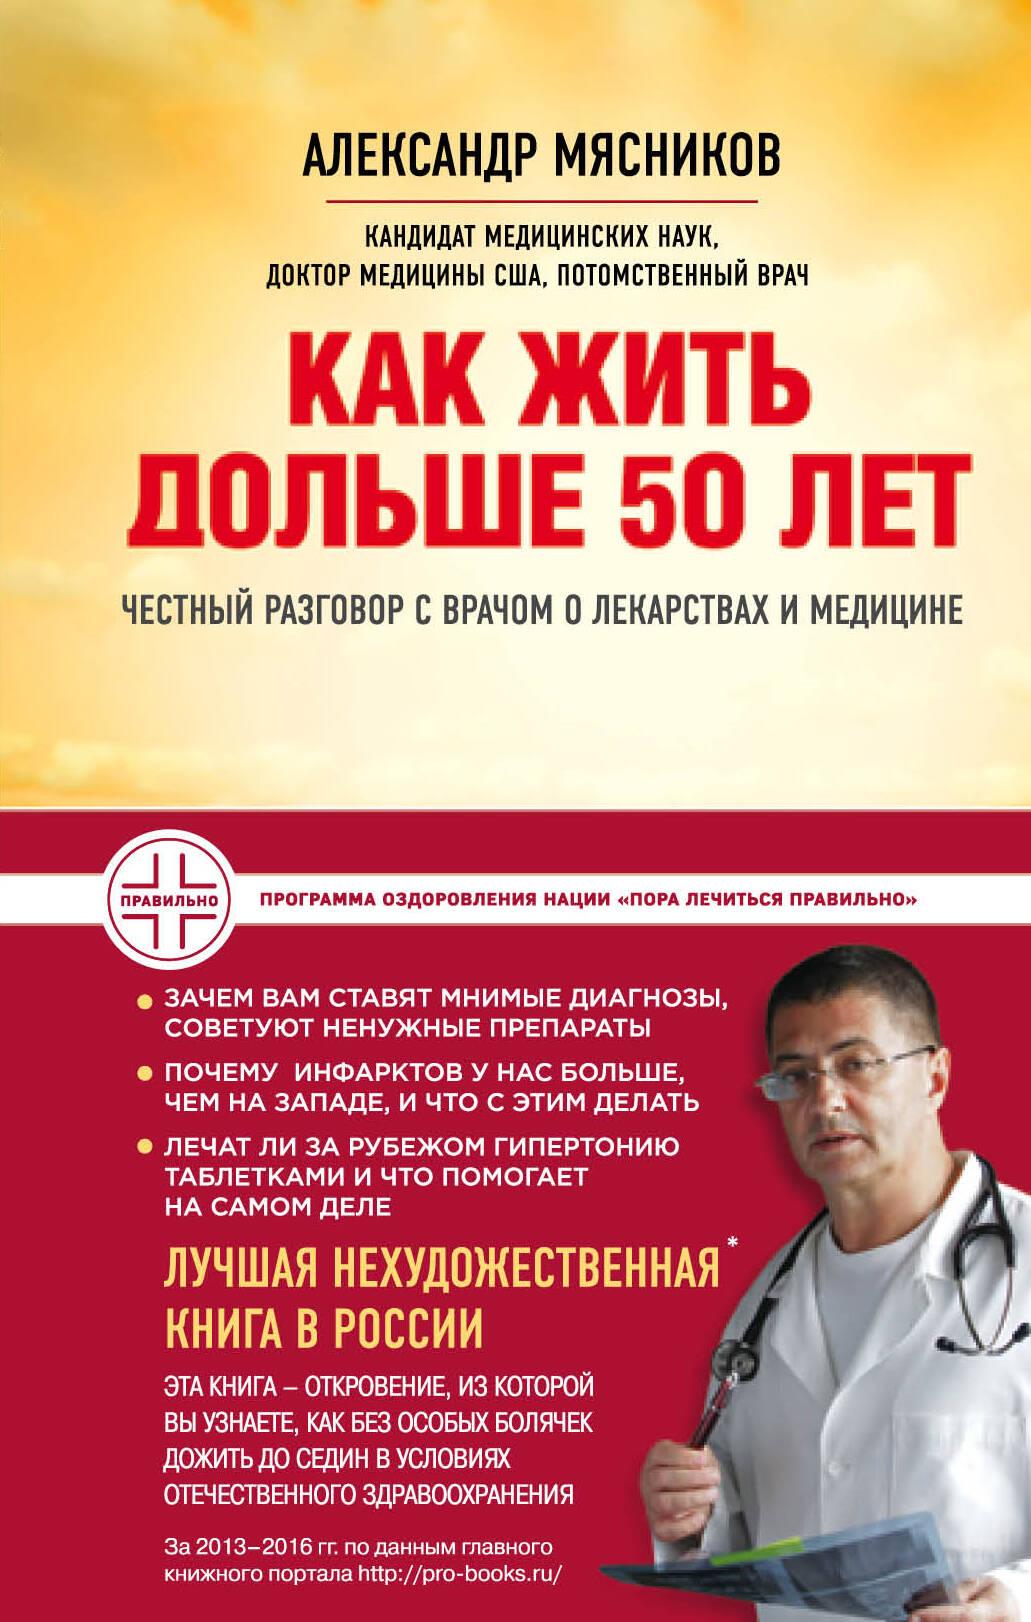 КНИГА АЛЕКСАНДРА МЯСНИКОВА КАК ЖИТЬ ДОЛЬШЕ 50 ЛЕТ СКАЧАТЬ БЕСПЛАТНО